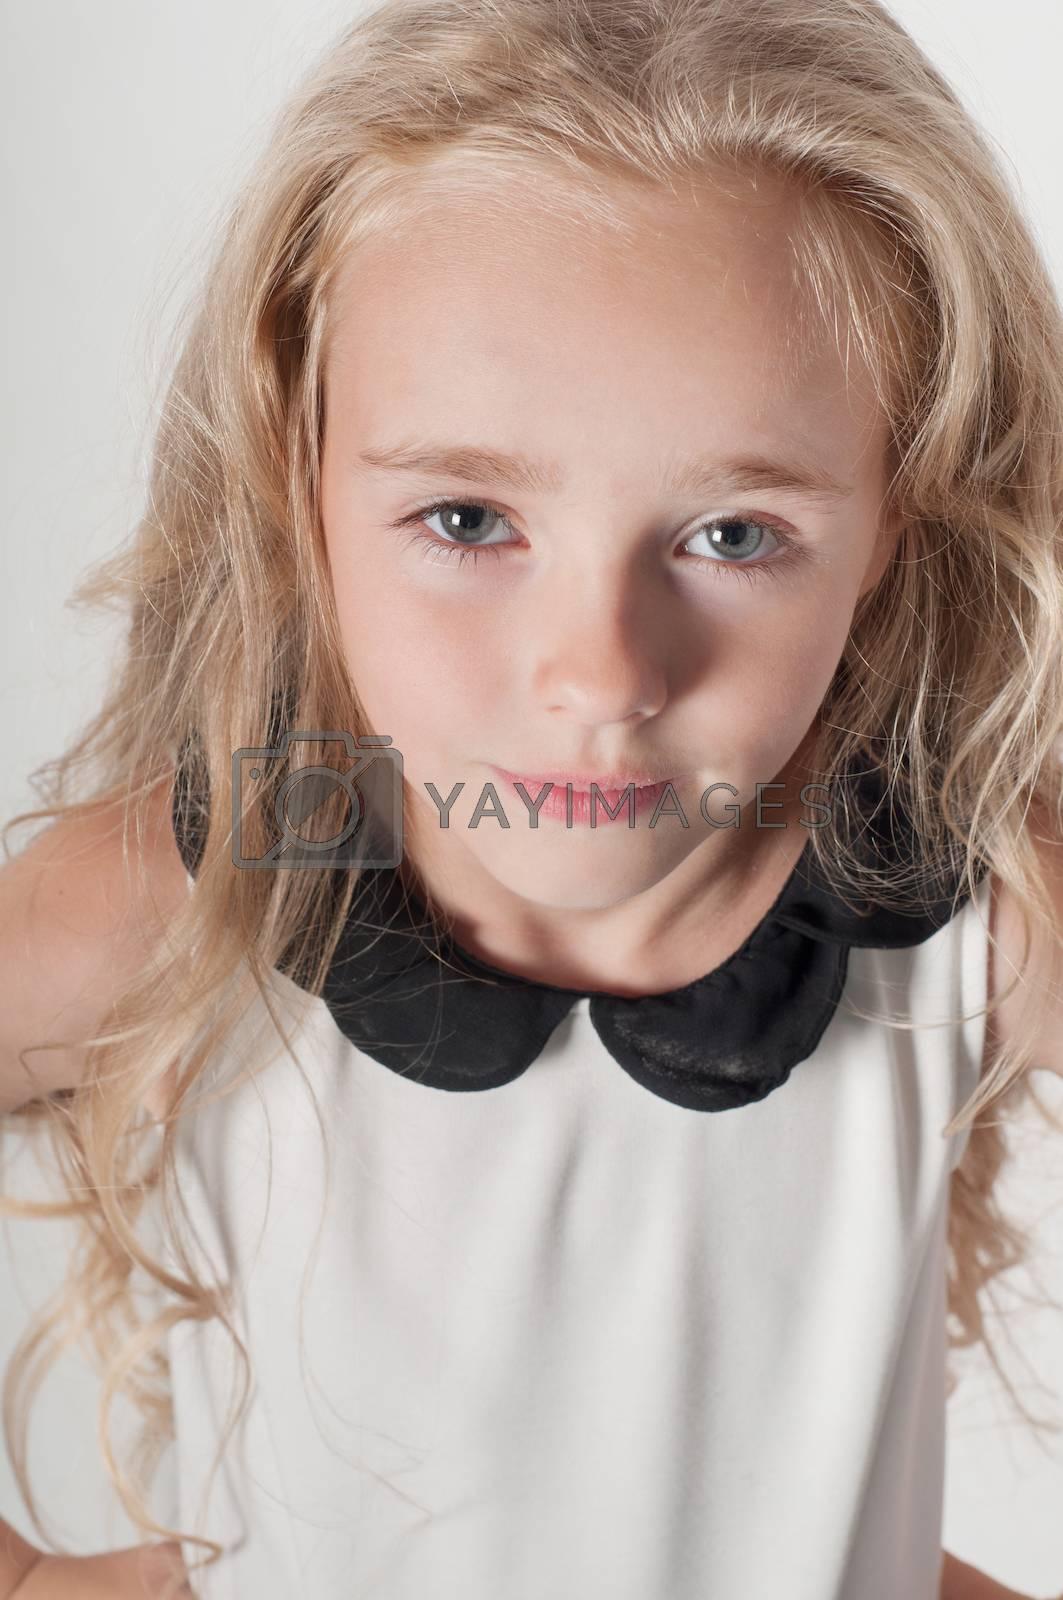 Pretty little girl in white white in studio